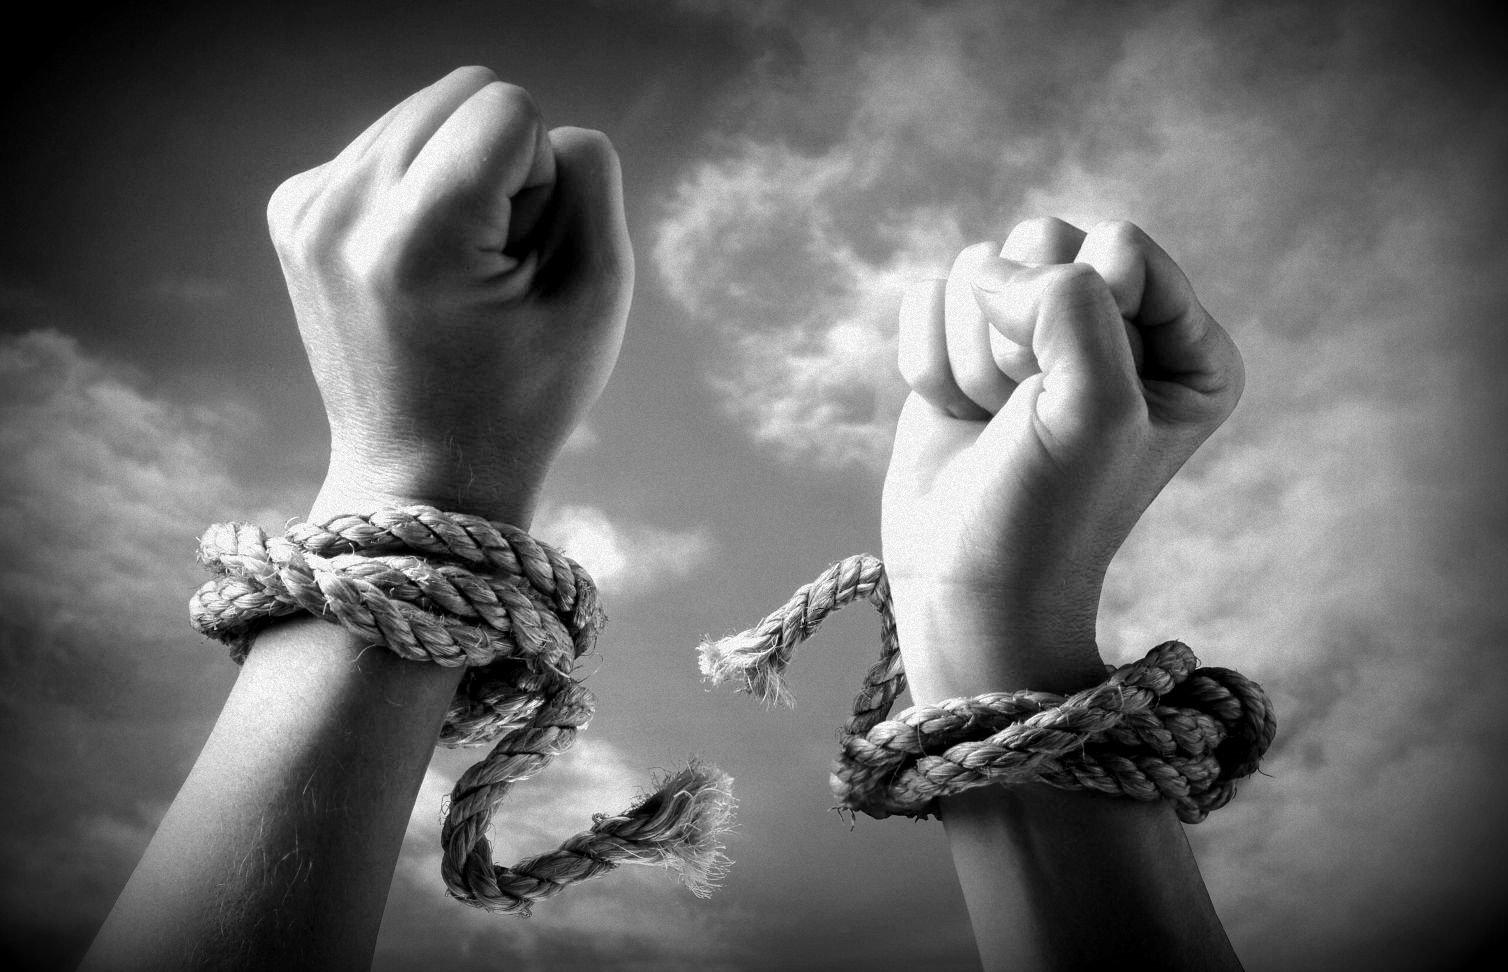 Sintomas de uma democracia em crise (?): o legado autoritário e sua relação com as violações de direitos no sistema penal brasileiro (Parte 3)